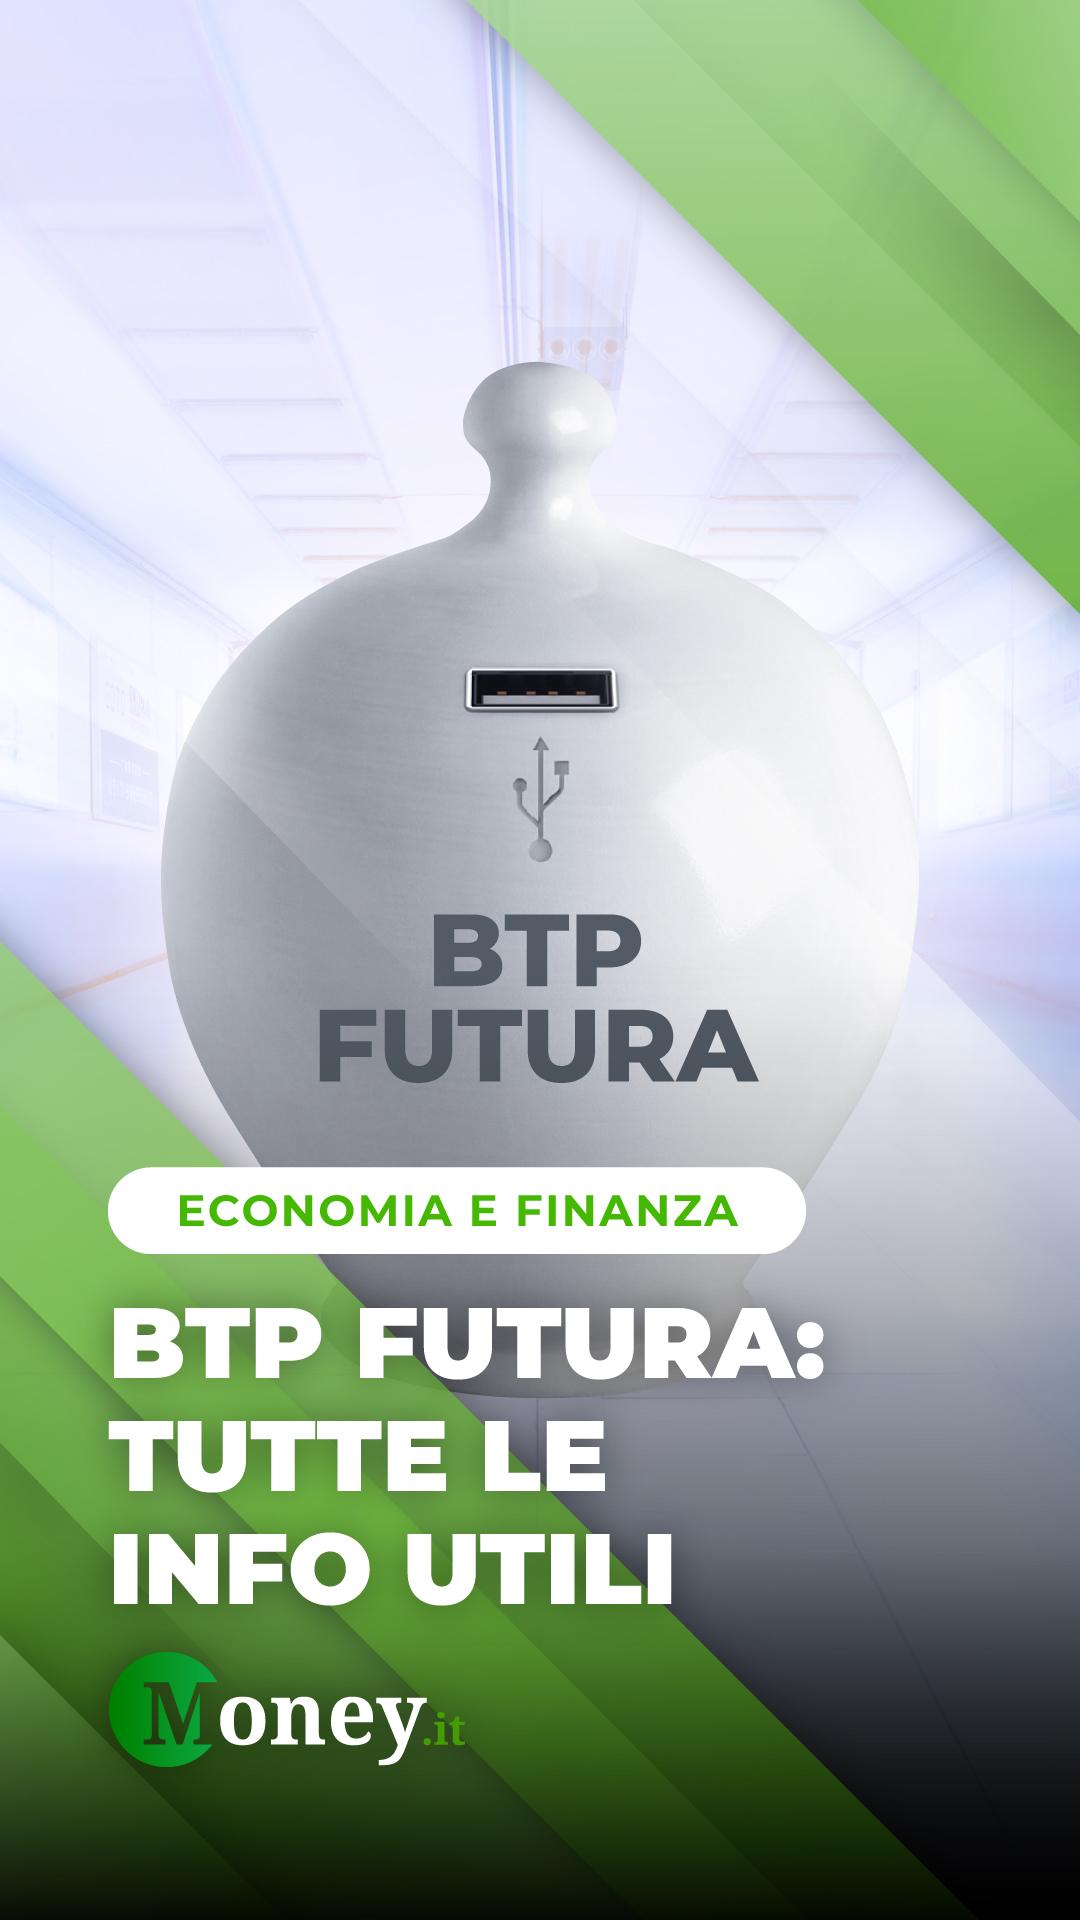 BTP Futura: tutte le informazioni utili